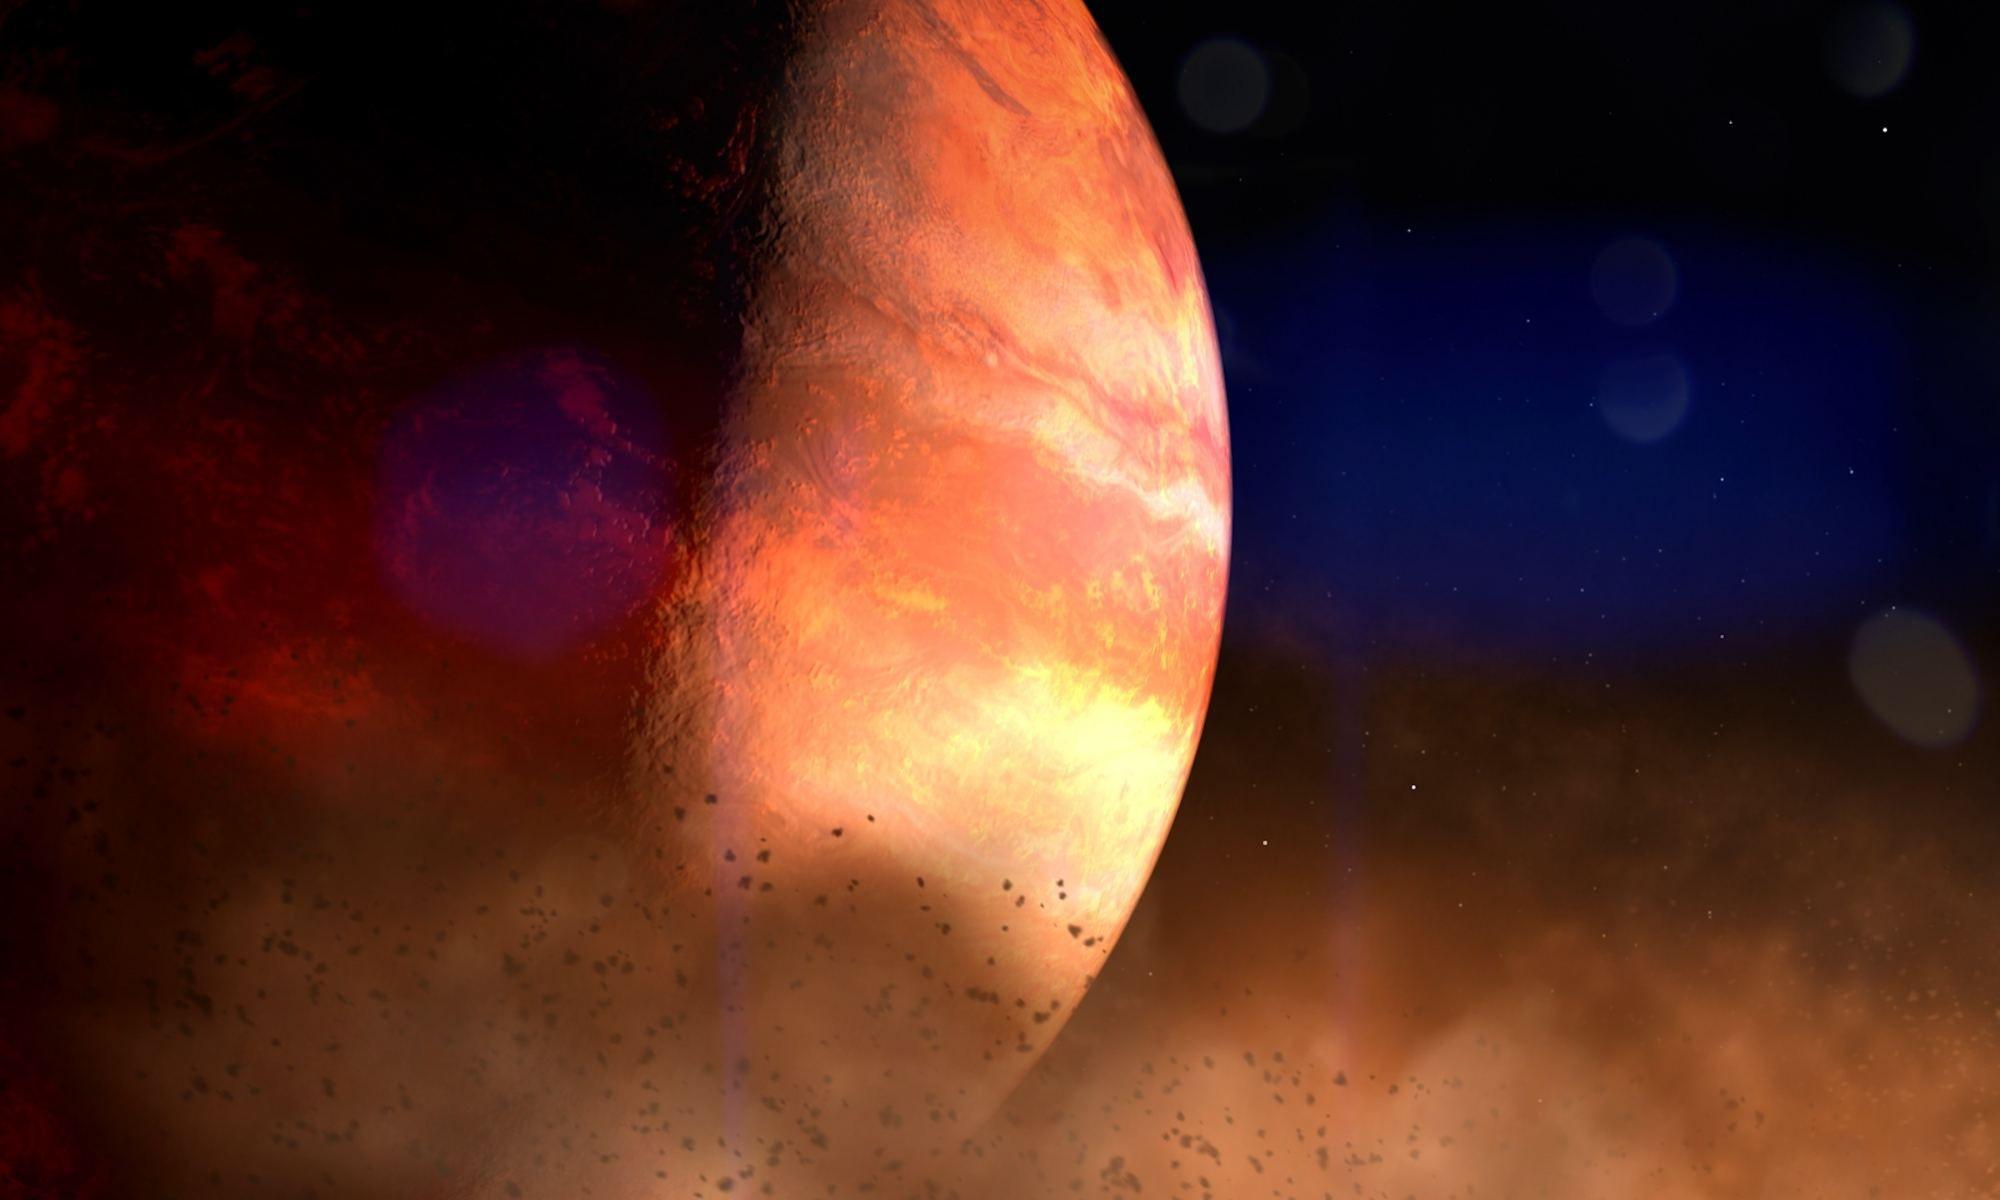 Ecco come potrebbe essere il clima su Proxima Centauri B, un possibile pianeta abitabile